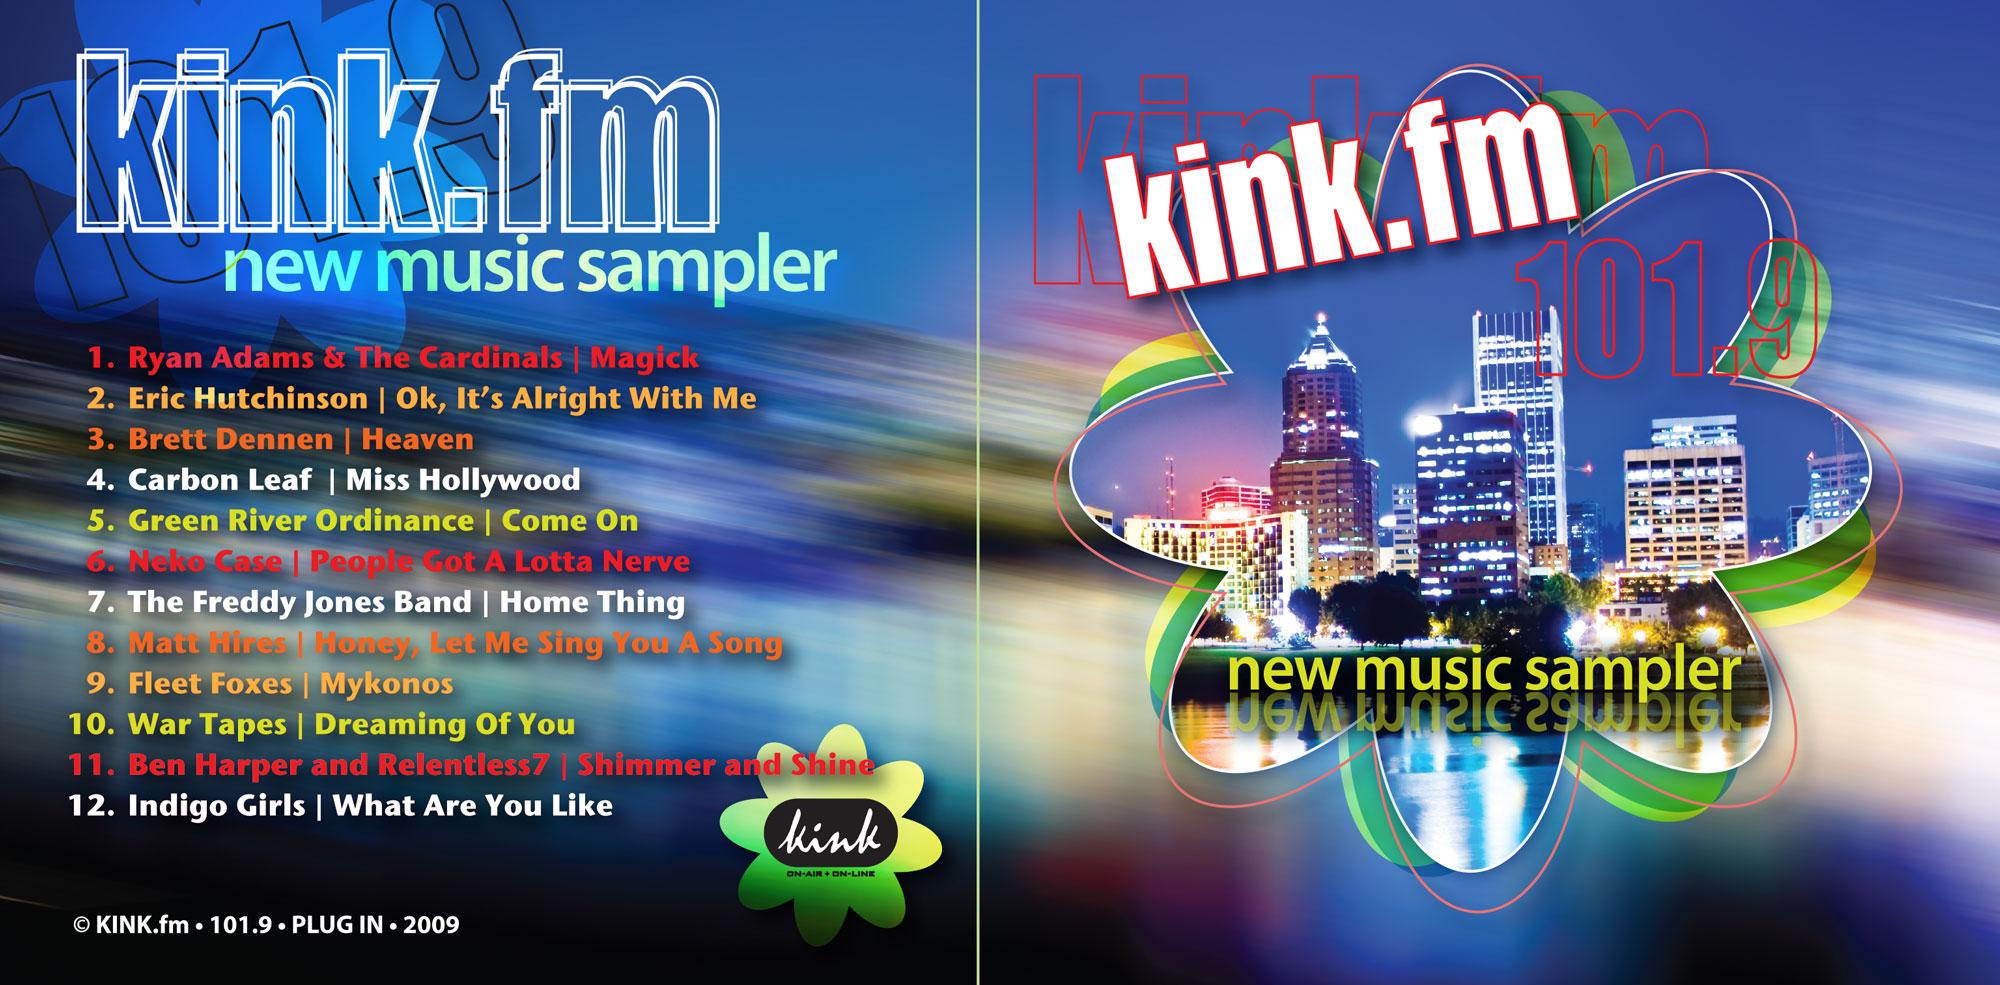 kink.fm new music cd sampler